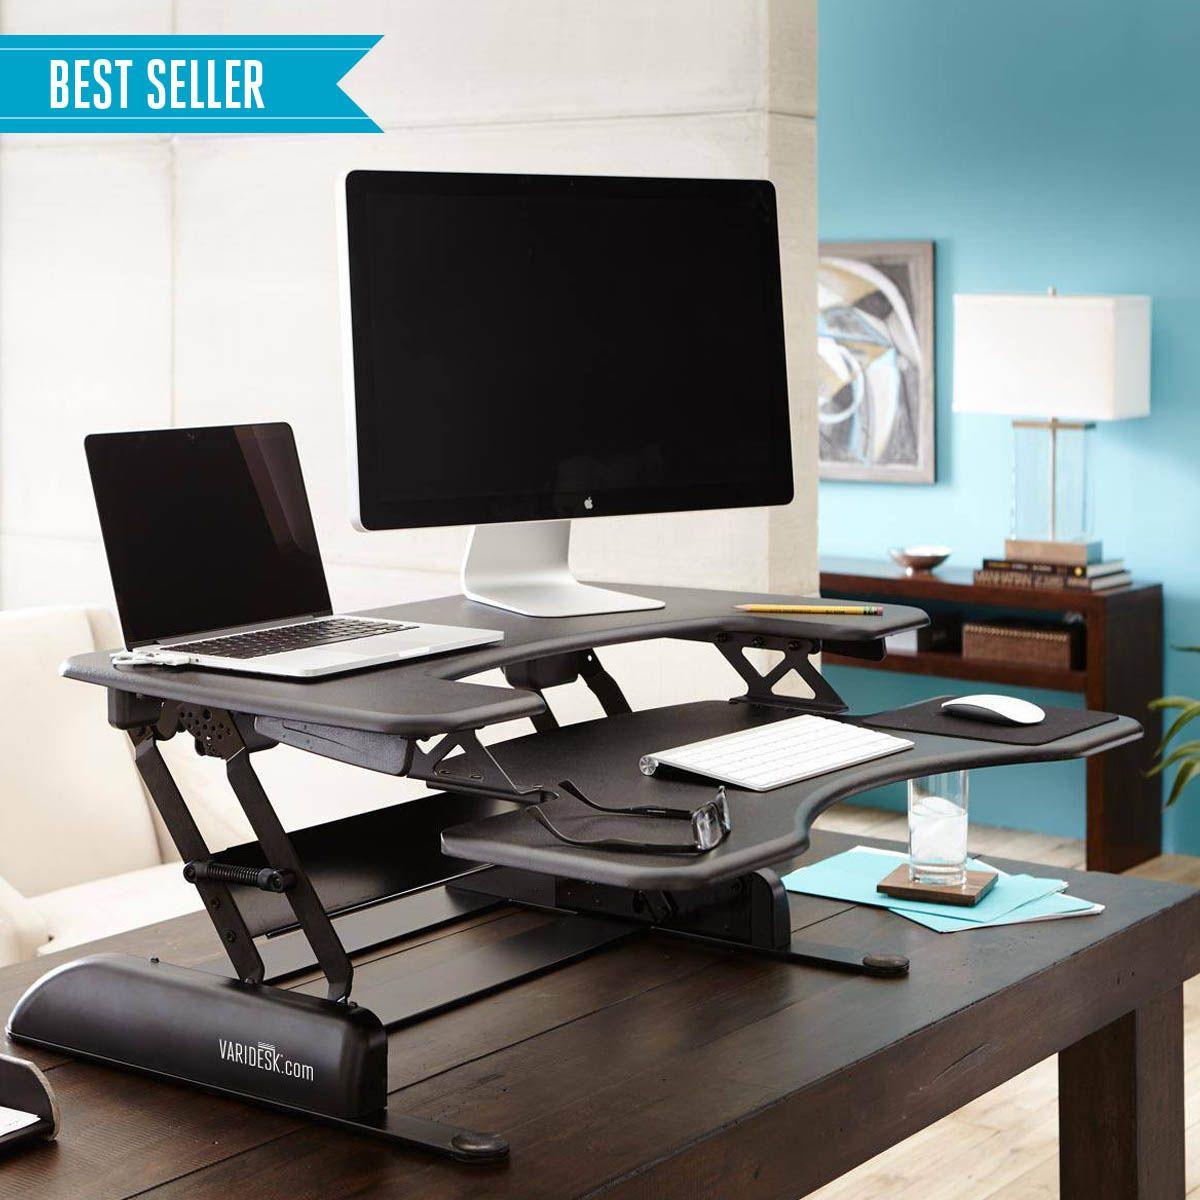 Height Adjustable Standing Desks | VARIDESK Sit-to-Stand Desks ...